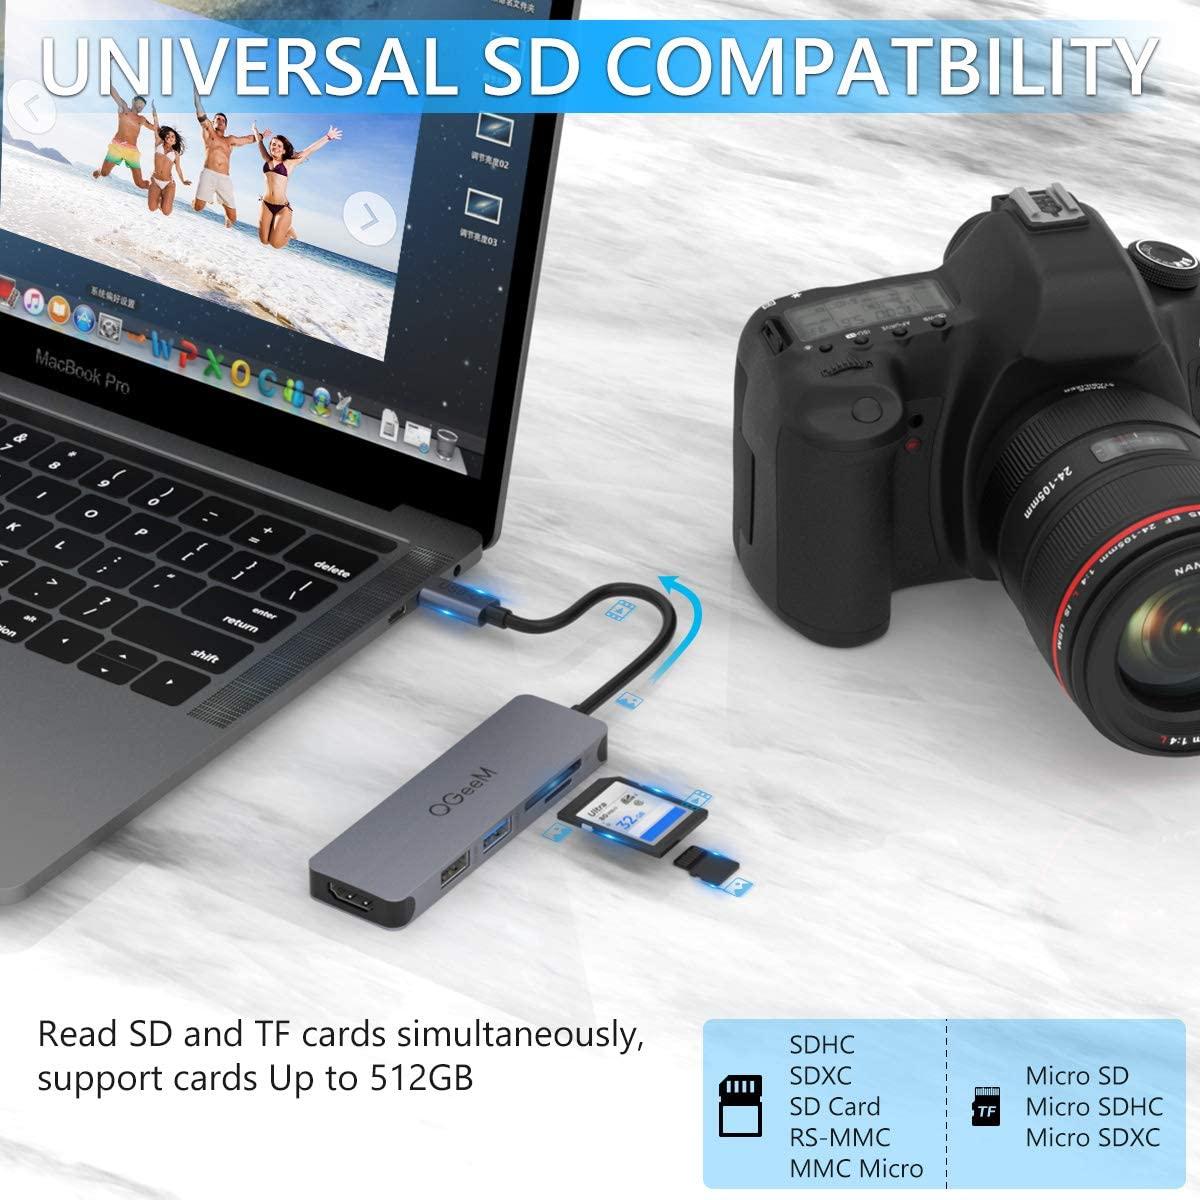 Bộ Hub QGeeM đa năng 5 trong 1 dành cho MacBook Pro 13/15 Surface Go, USB C Adapter - Hàng chính hãng